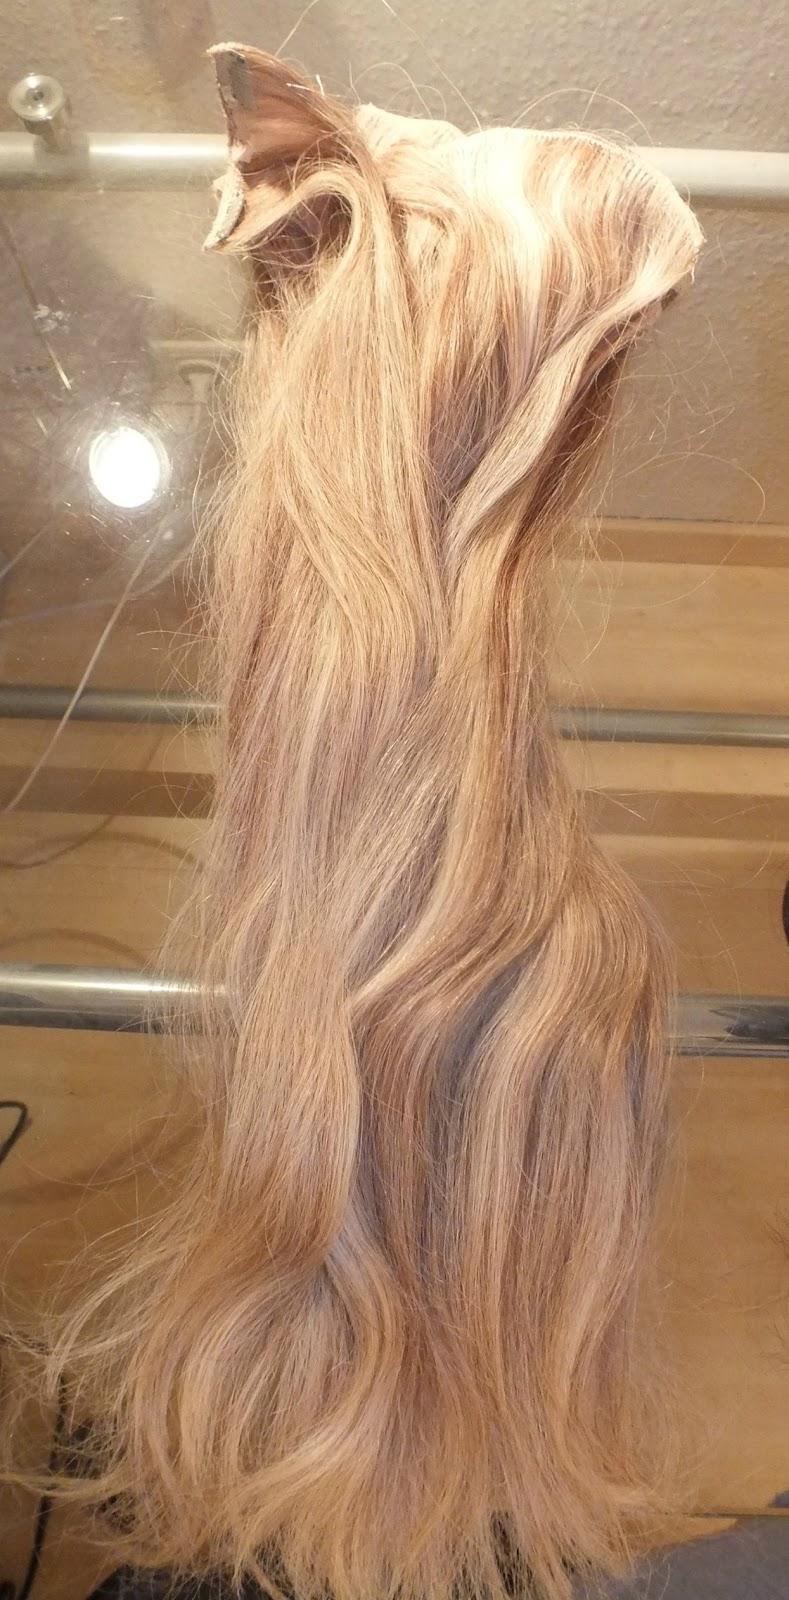 Clip in extensions echthaar doppelte haarmenge